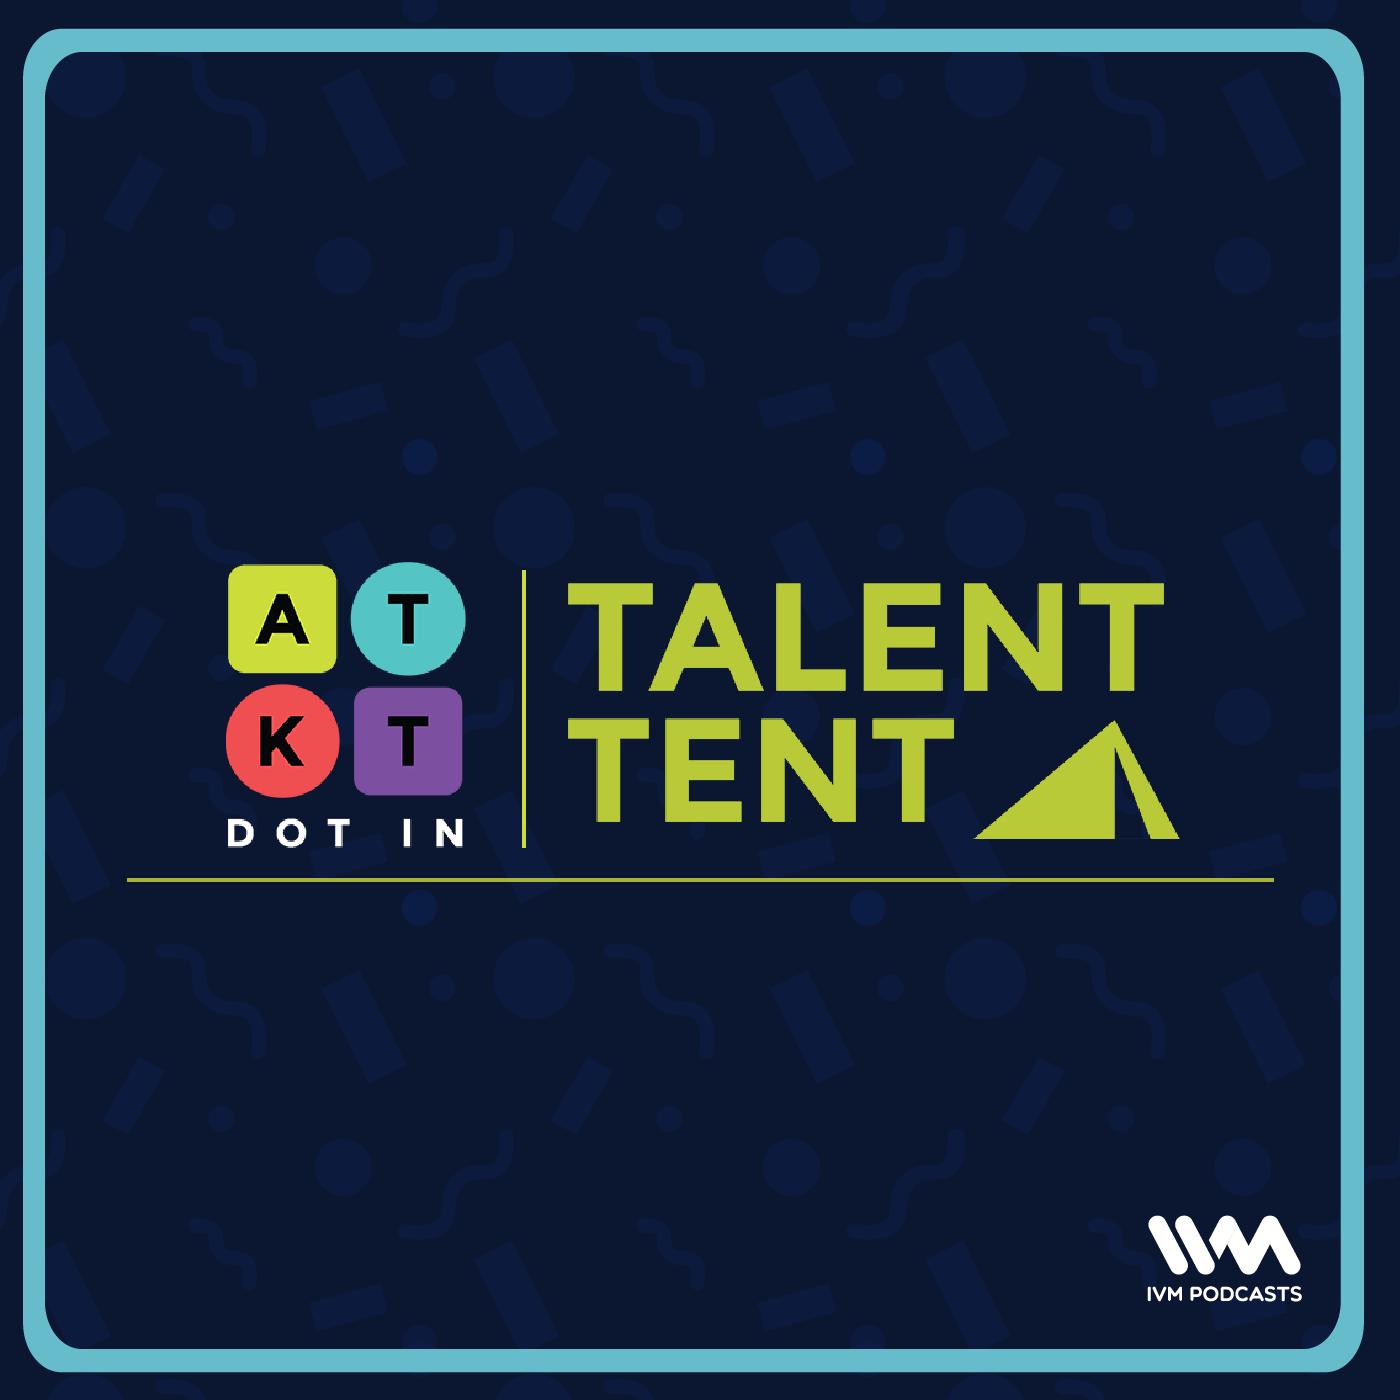 ATKT Talent Tent show art